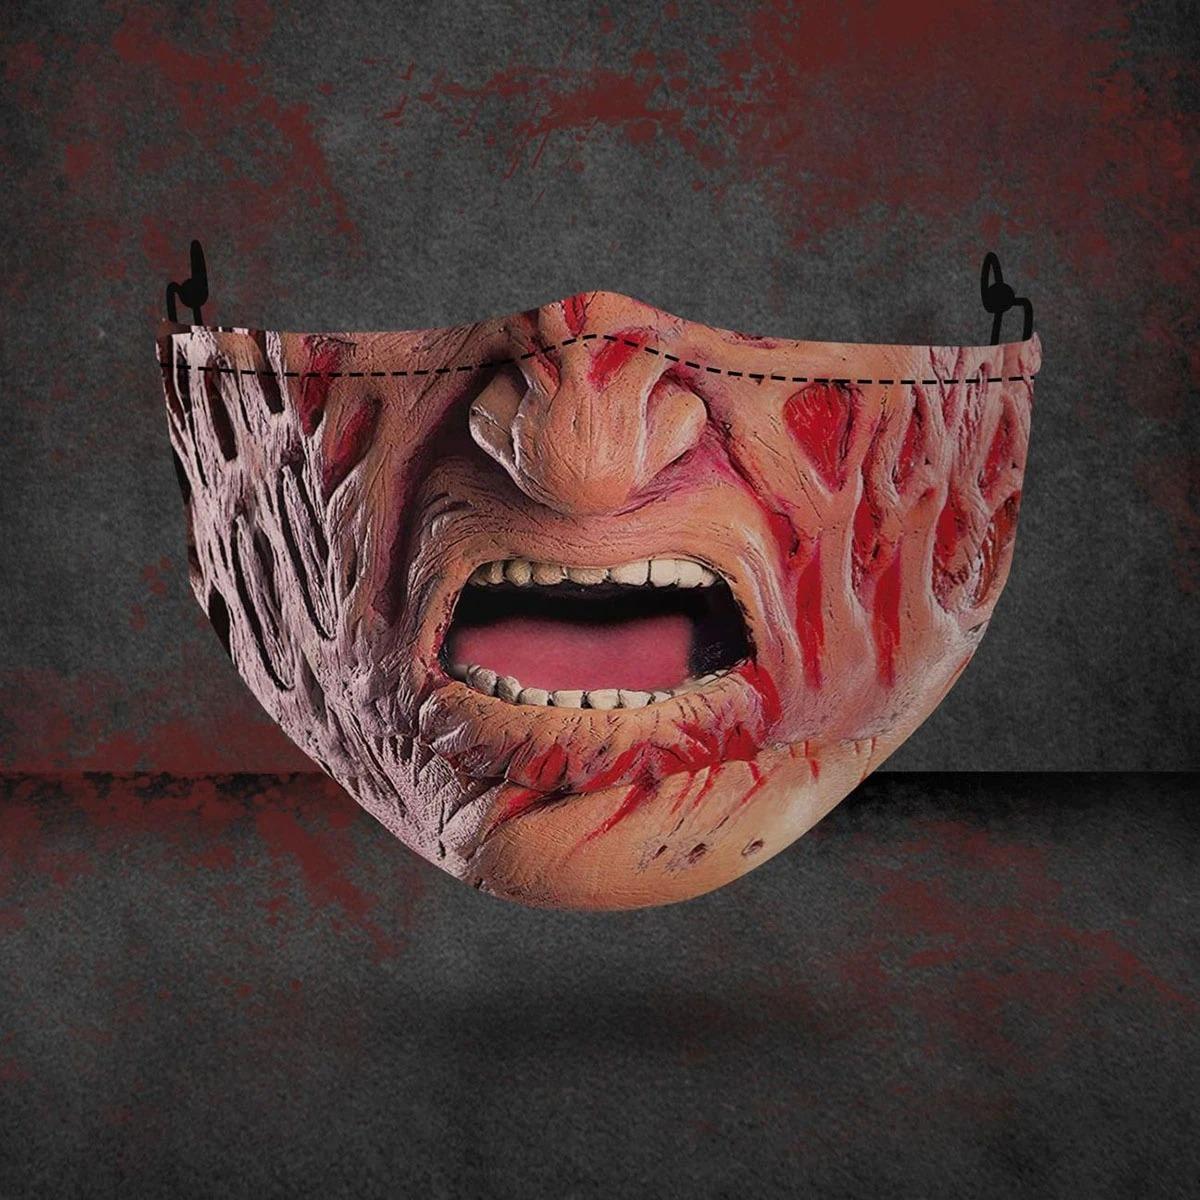 Freddy Krueger 3D face mask